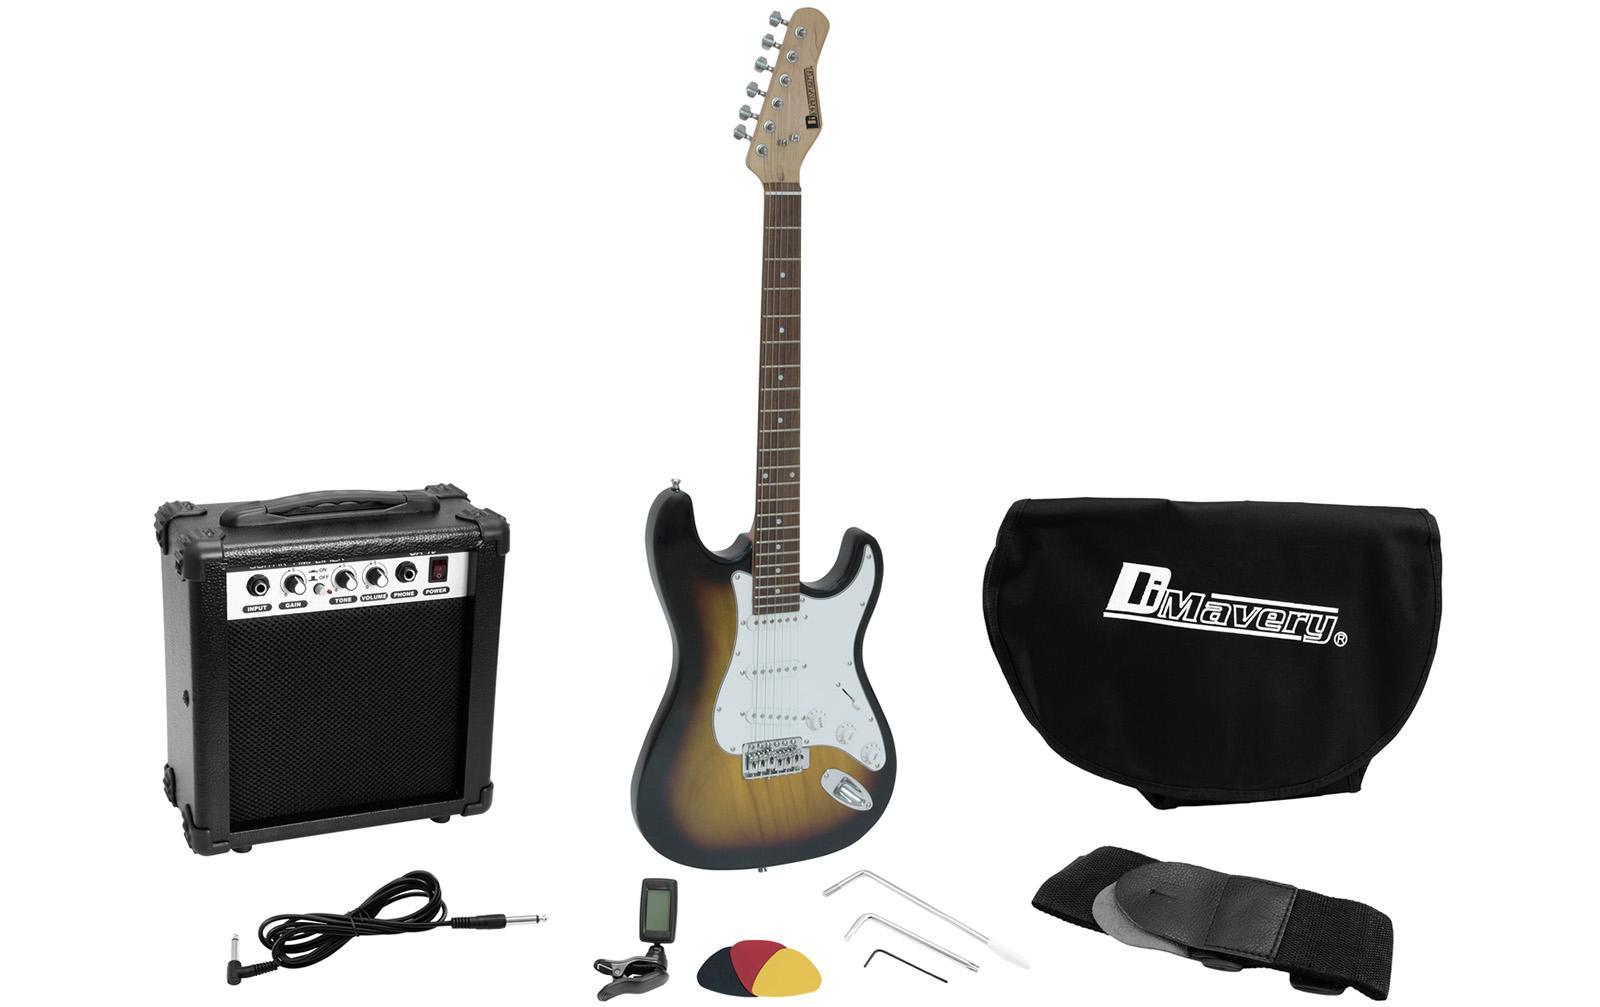 dimavery-egs-1-e-gitarren-set-sunburst